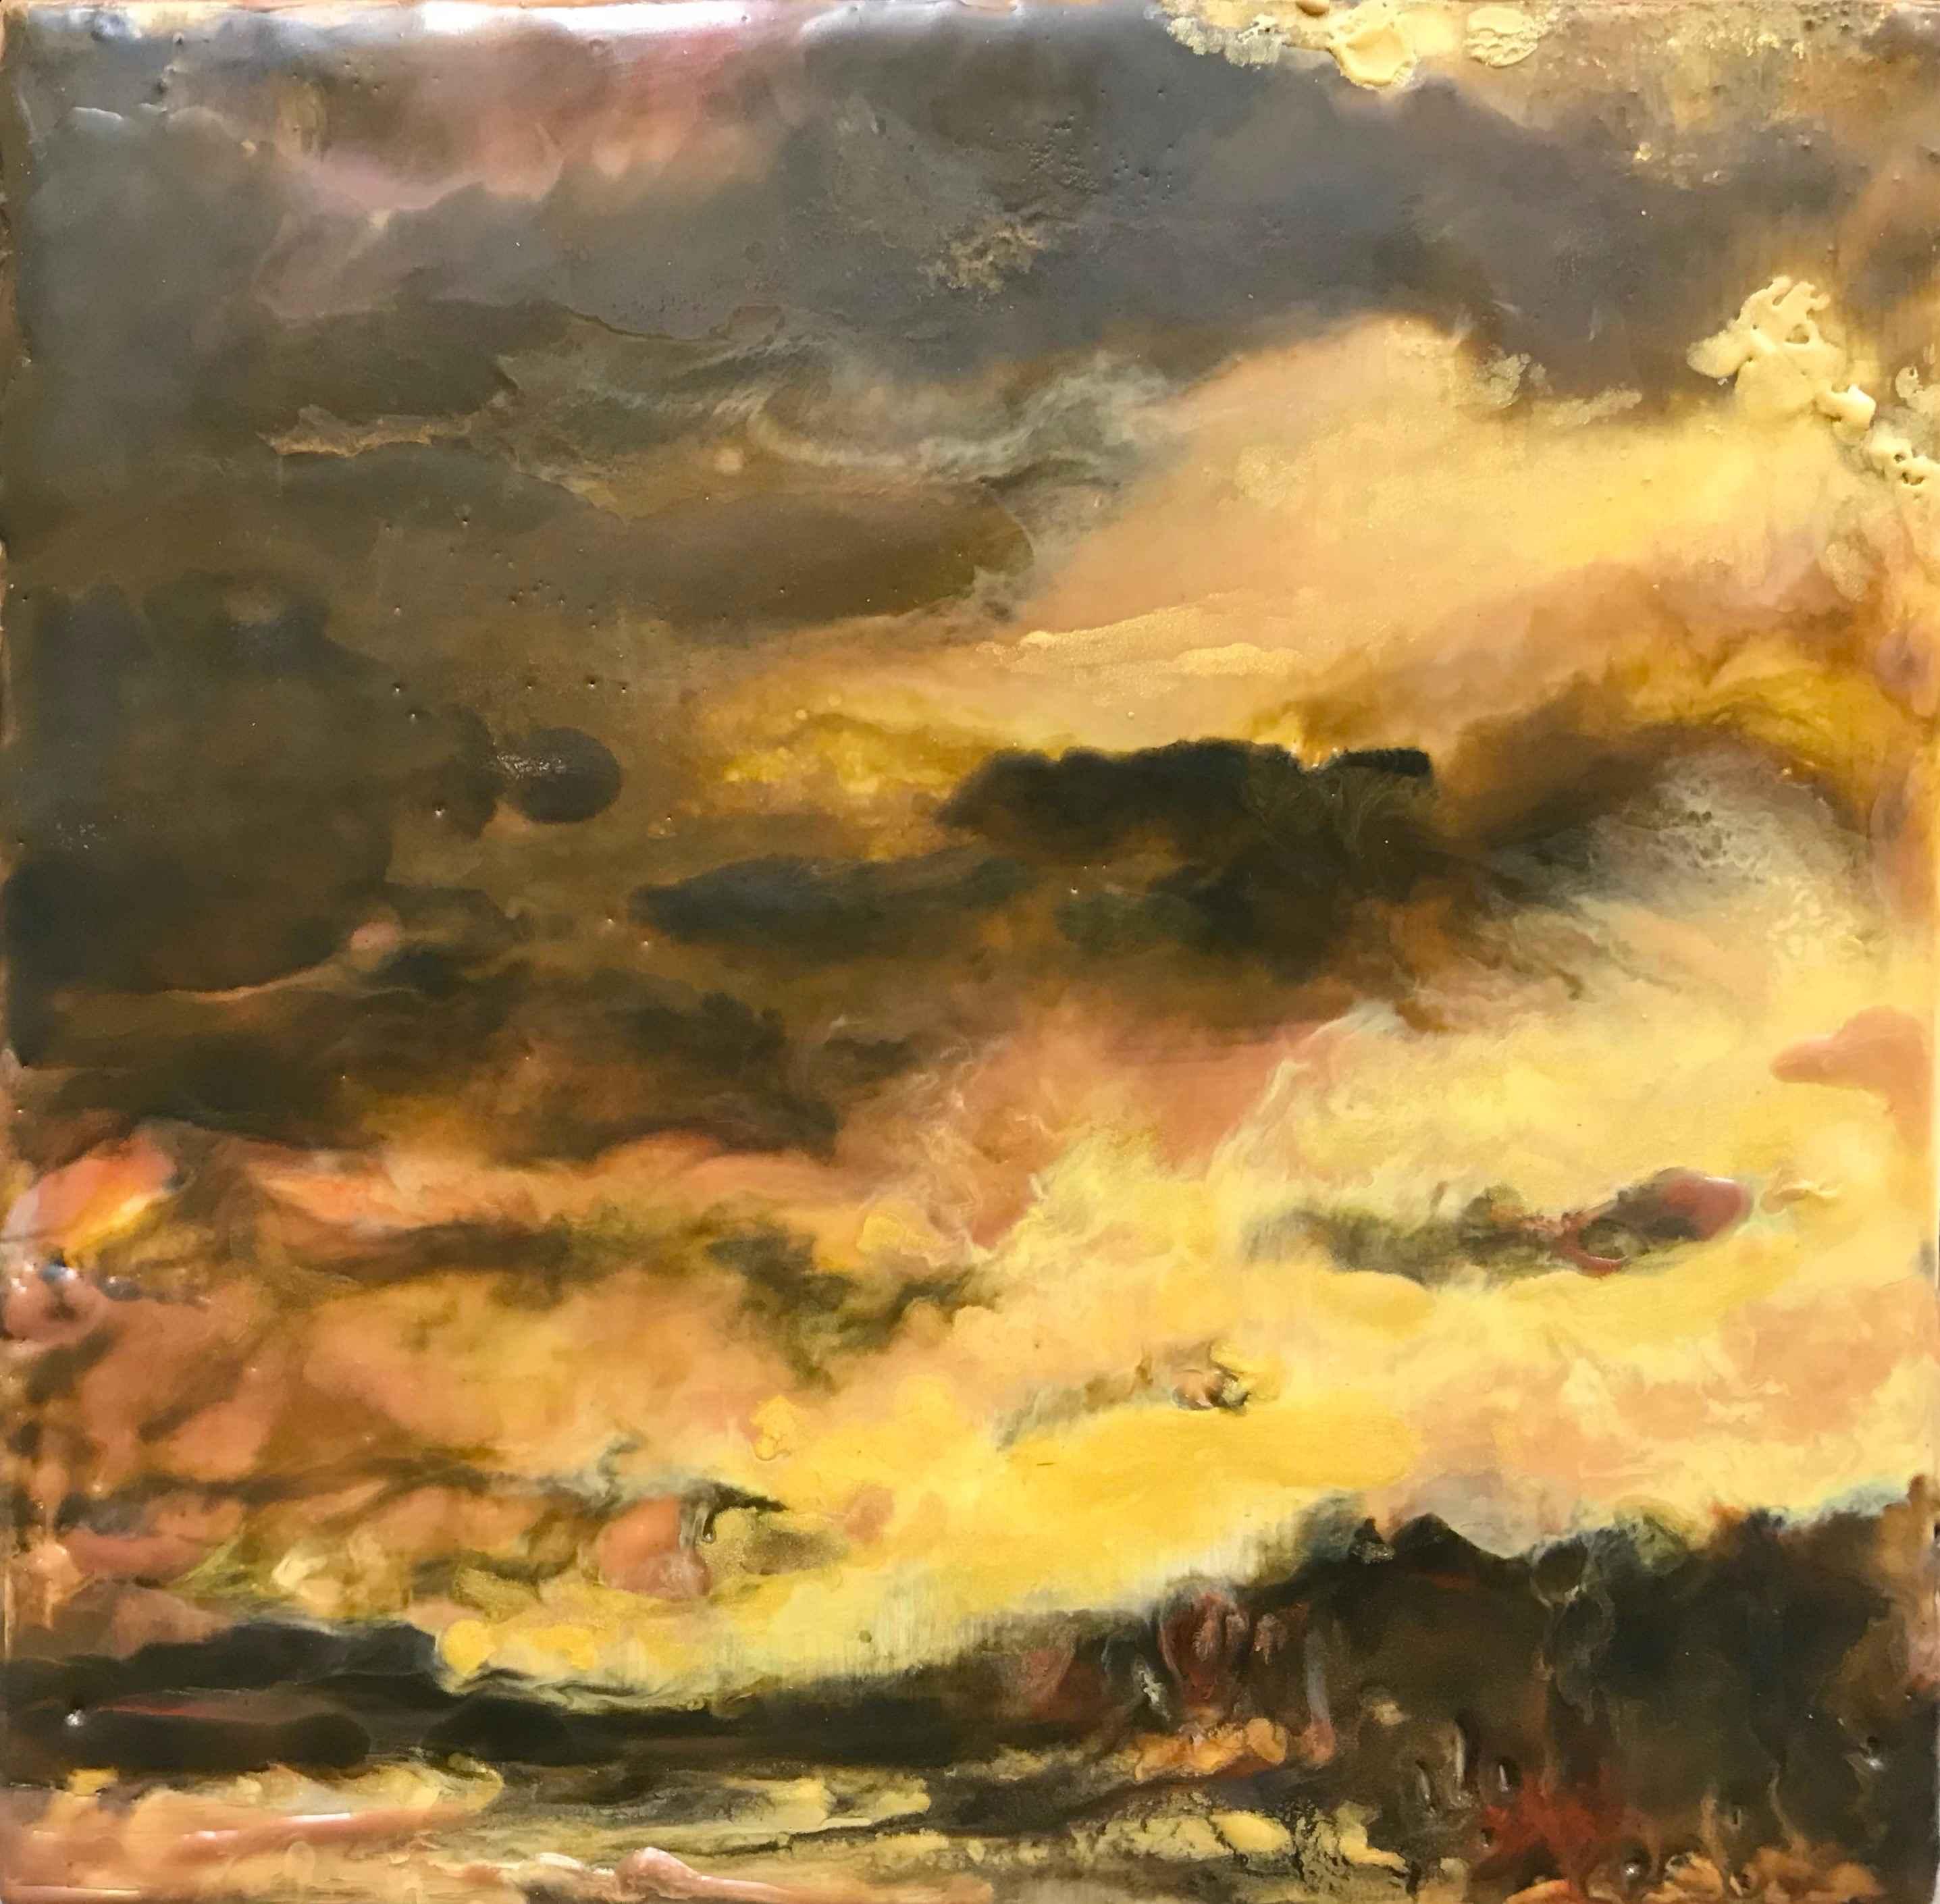 Pink Glow by  Kathy Bradshaw - Masterpiece Online